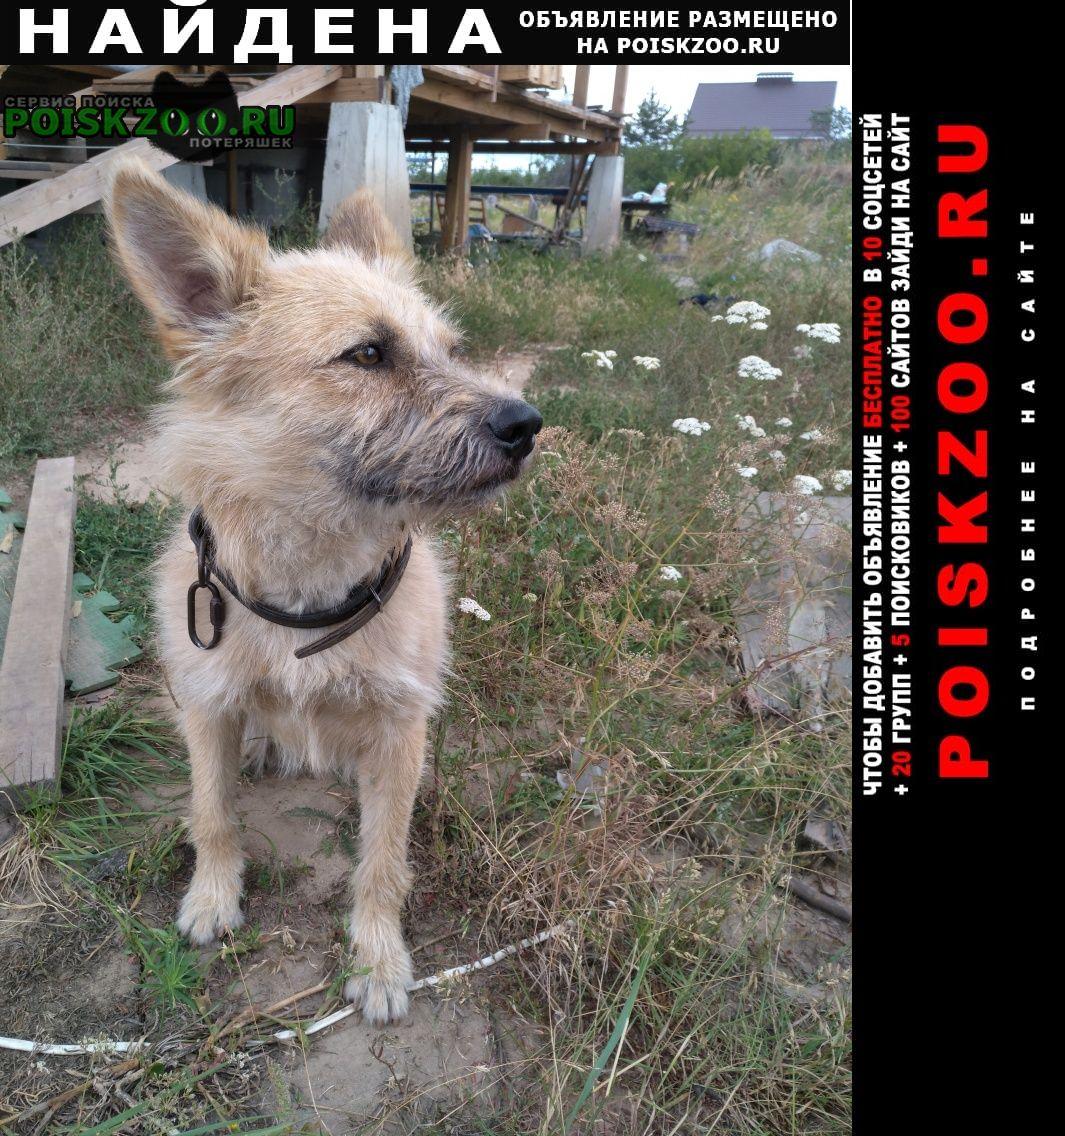 Найдена собака Новая Усмань